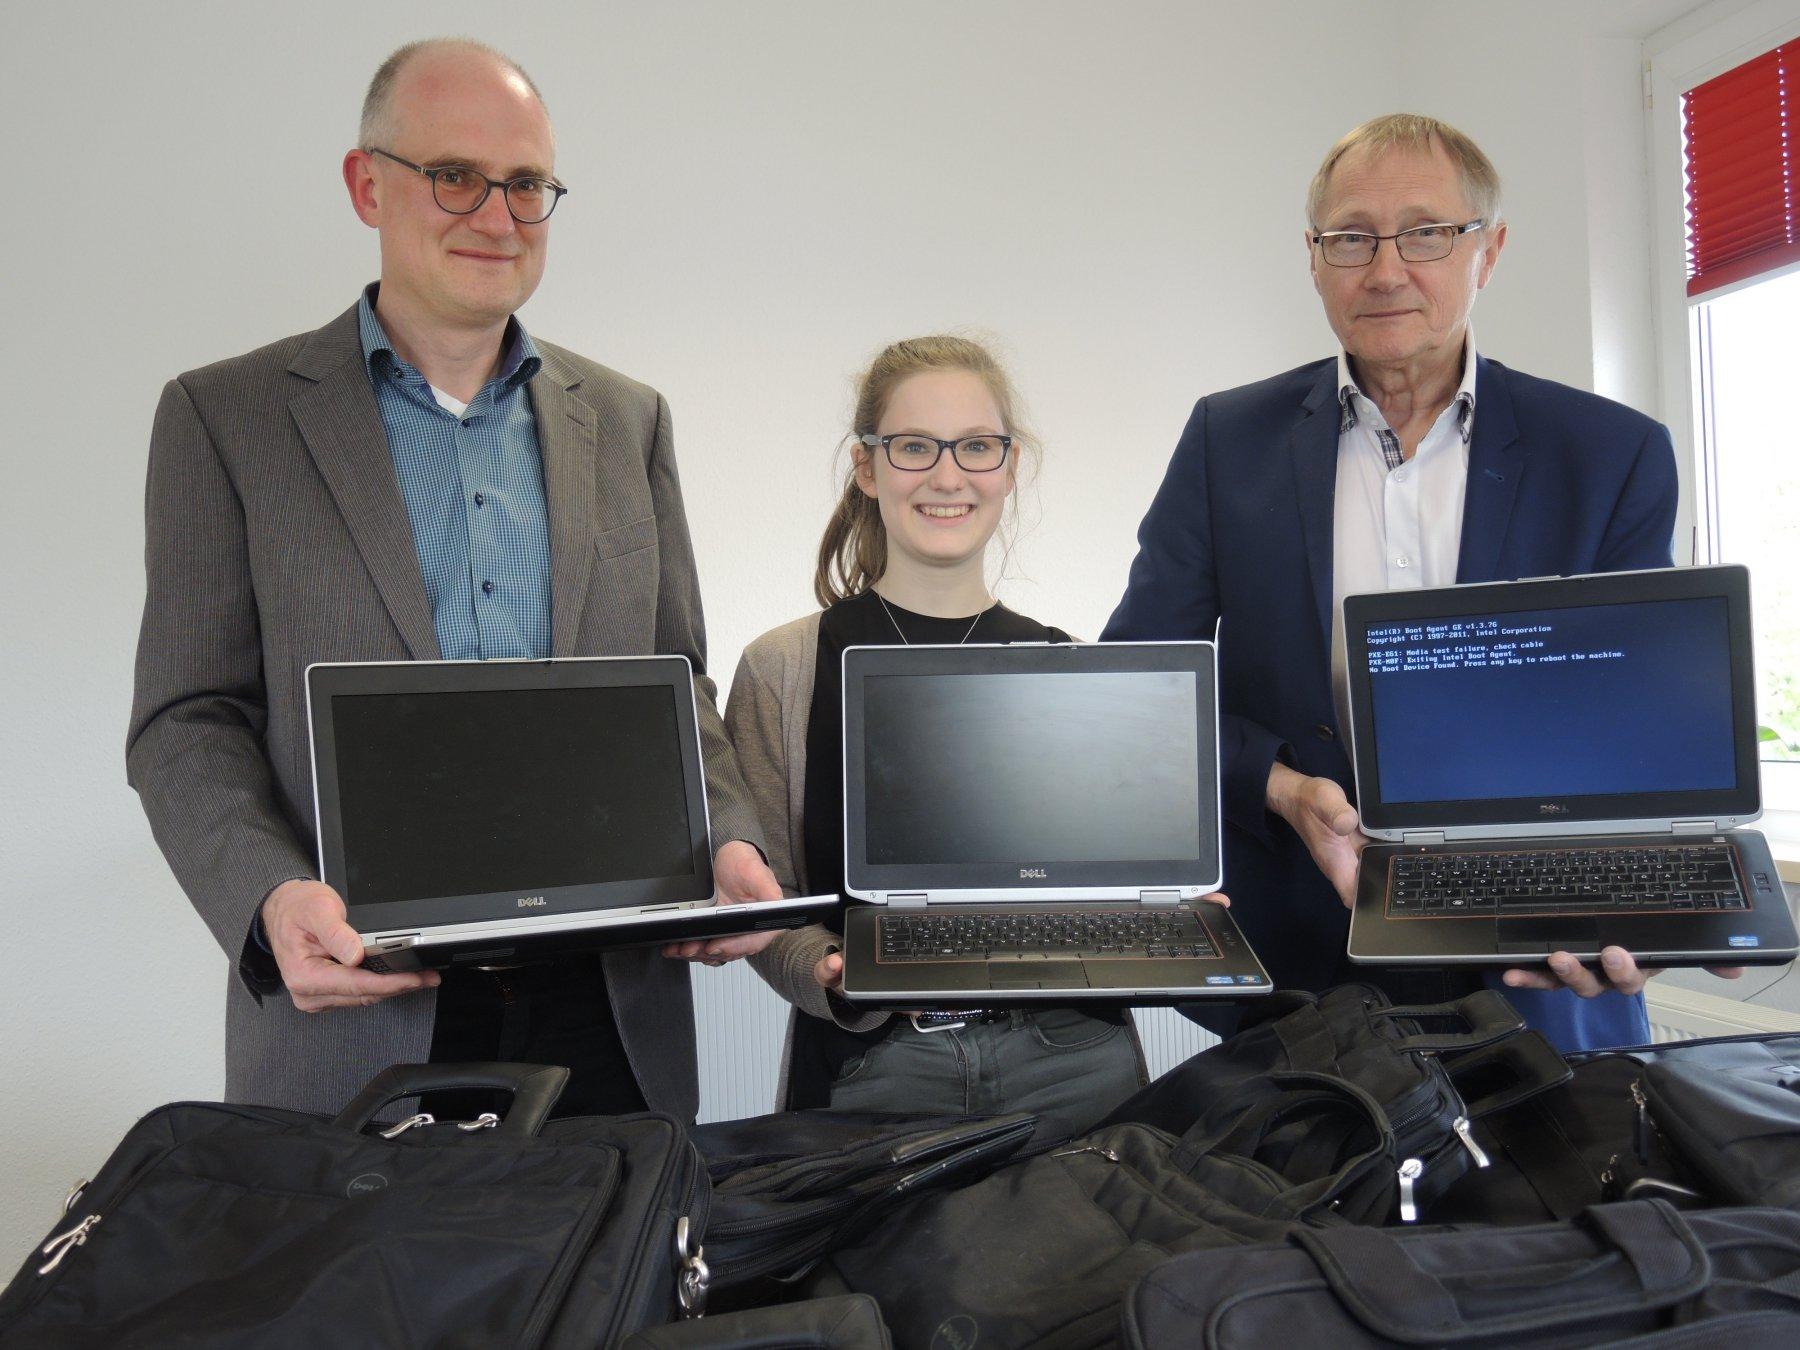 (v. l.) Ulrich und Paula Frey übergeben die Laptops an  Wolfgang Baumbach. (Foto: IN-StadtMagazine)